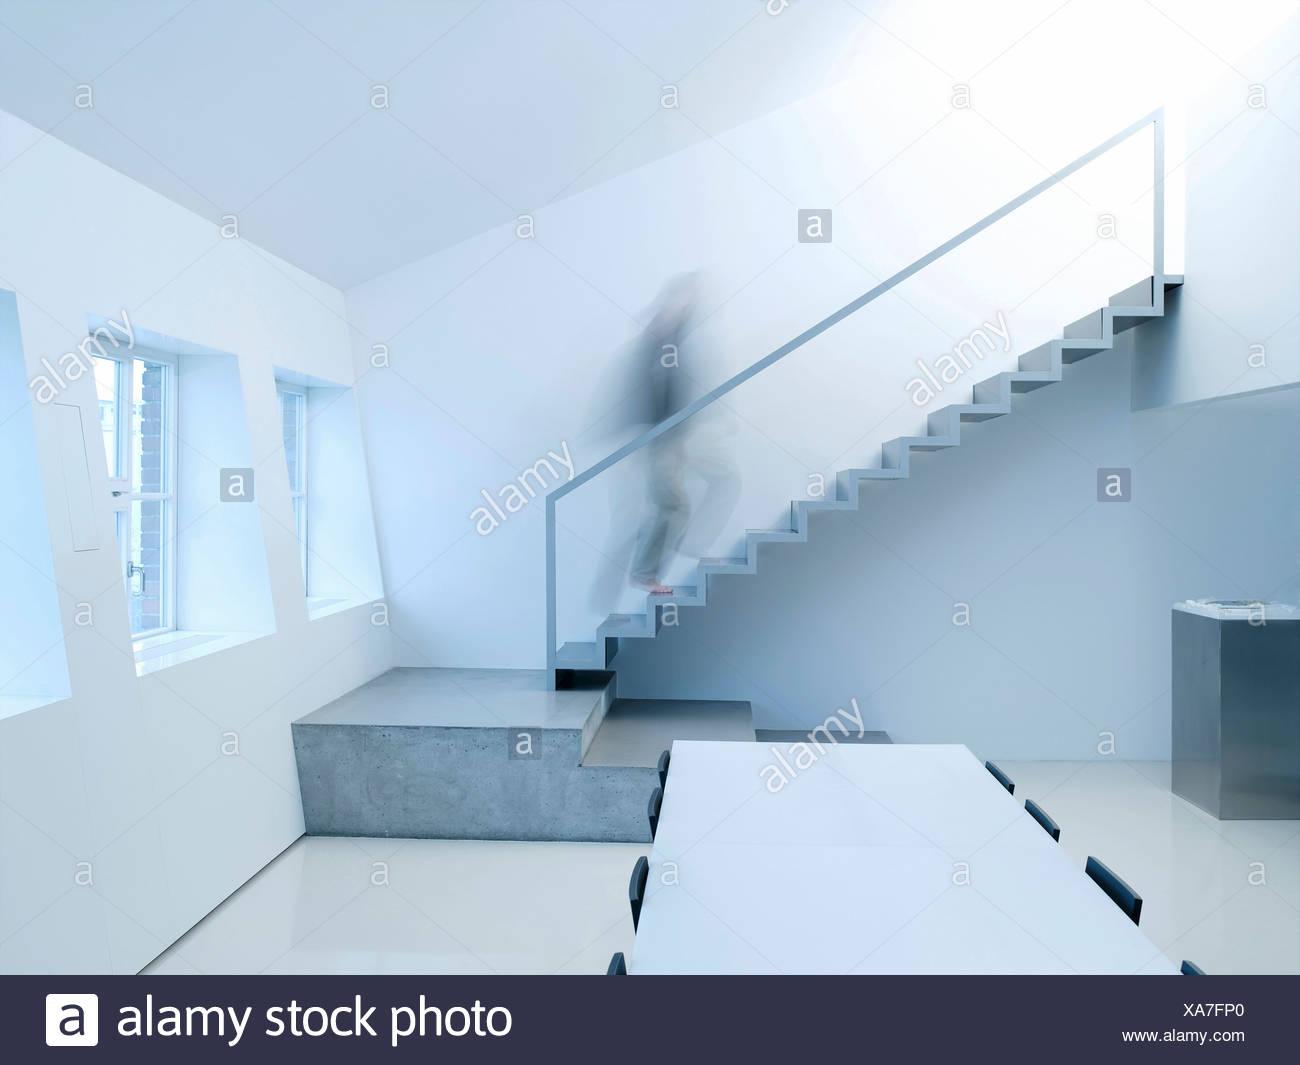 Personne marchant à l'étage, vue latérale Photo Stock